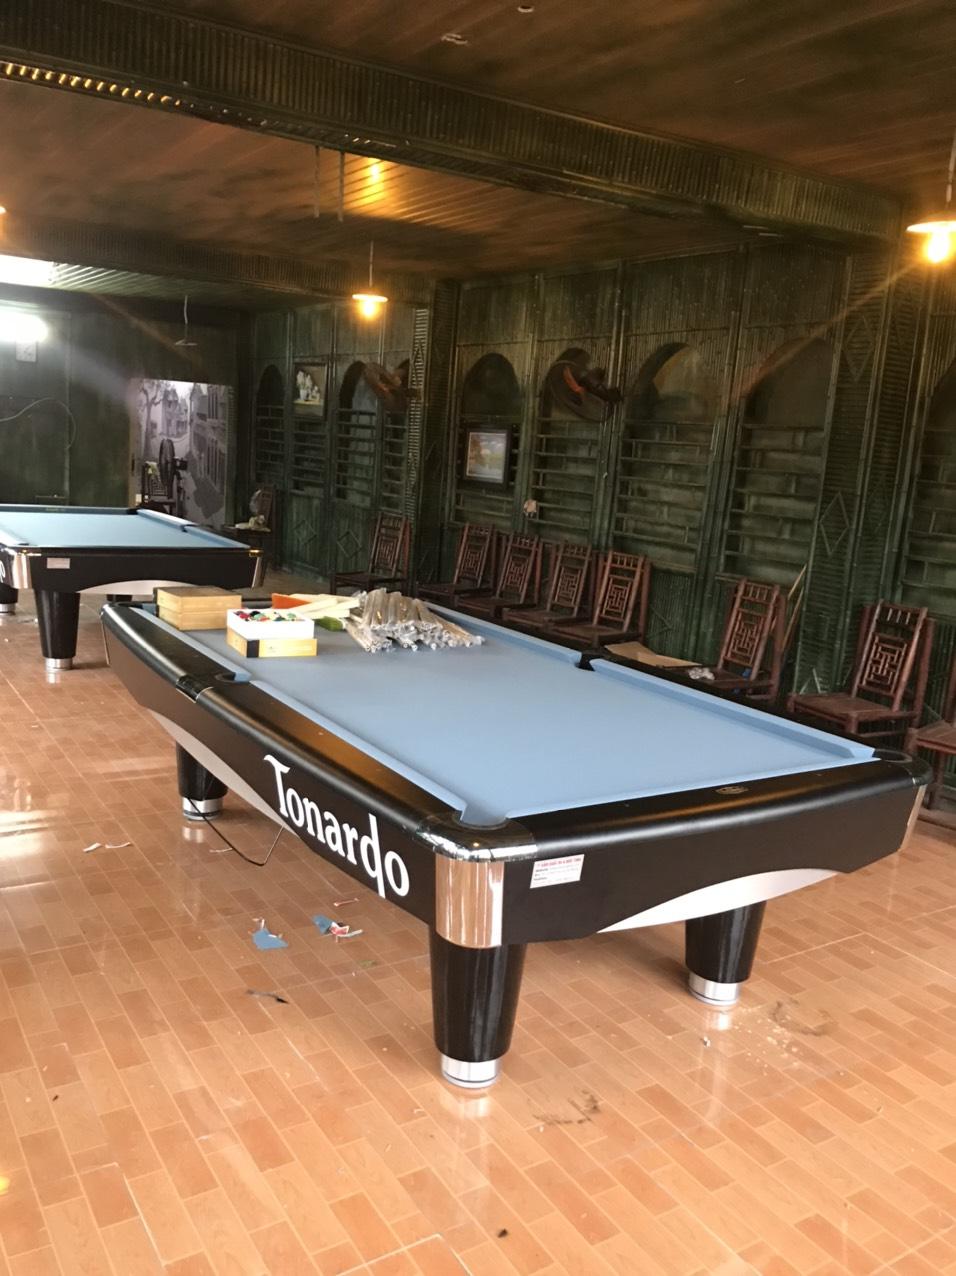 Billiards Đức Tình lắp đặt 3 bàn 9017 Tonardo mới tại Phố Tía